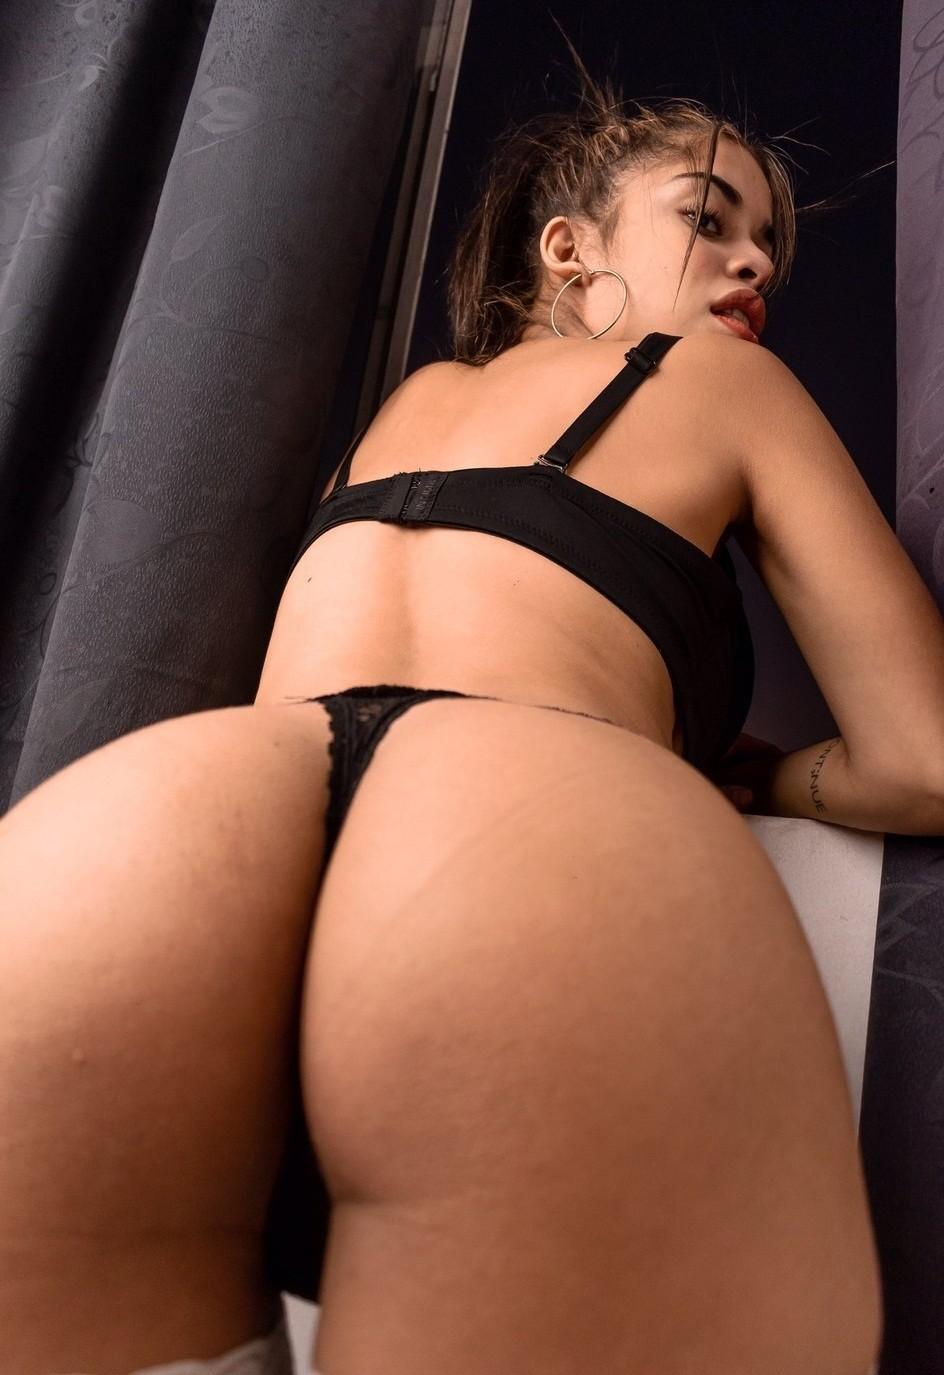 Pack De Camila + Masturbándose Exquisita Tetuda 14